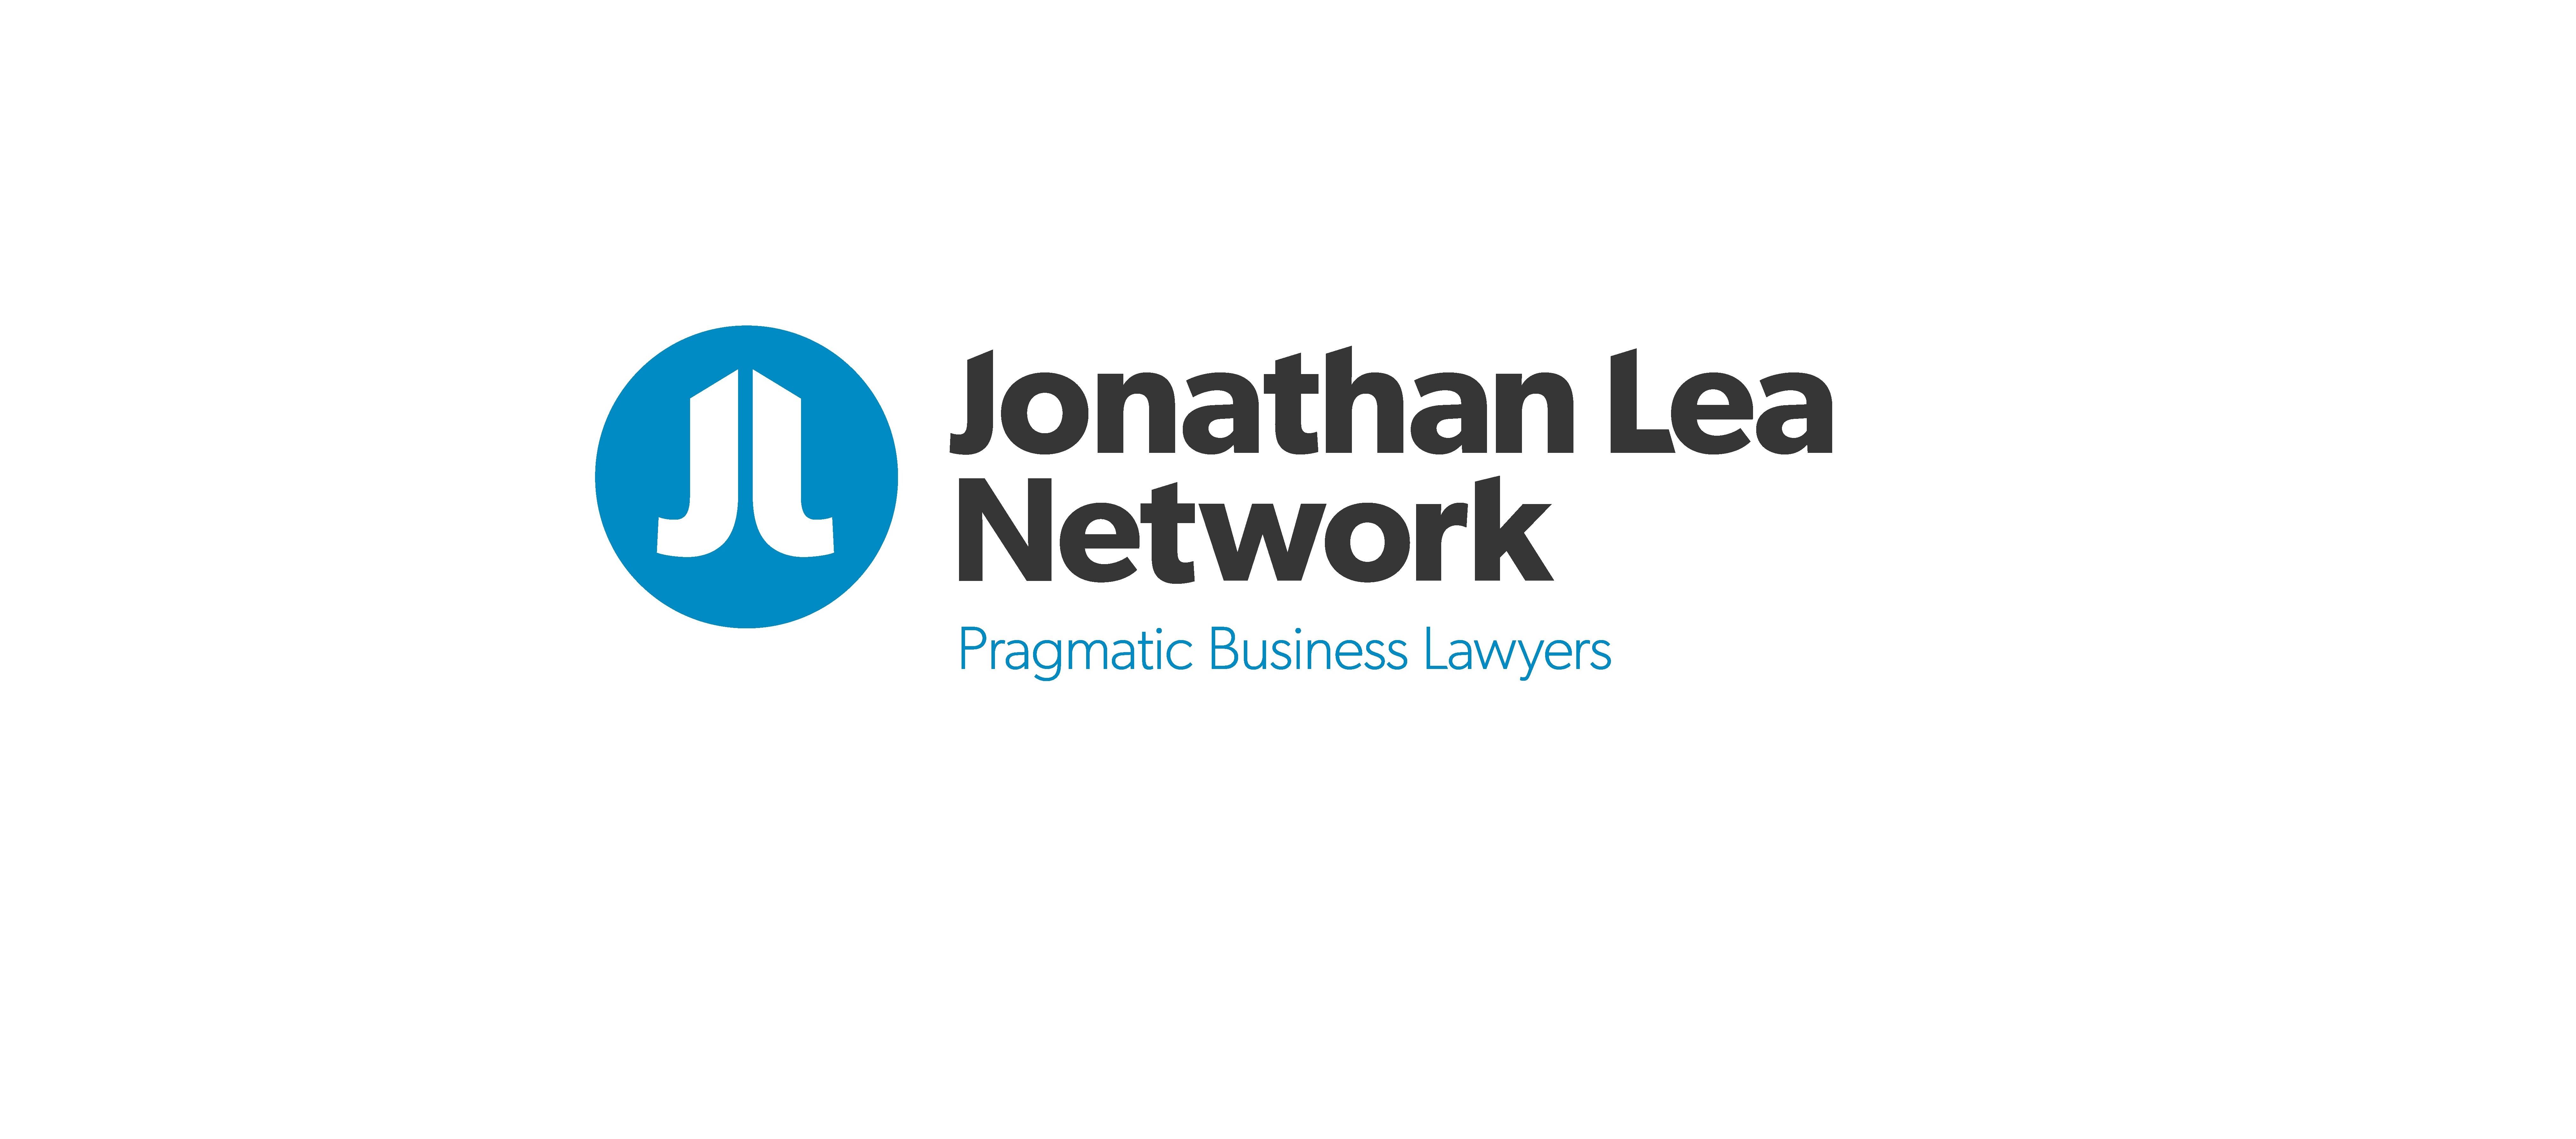 Jonathan Lea Network